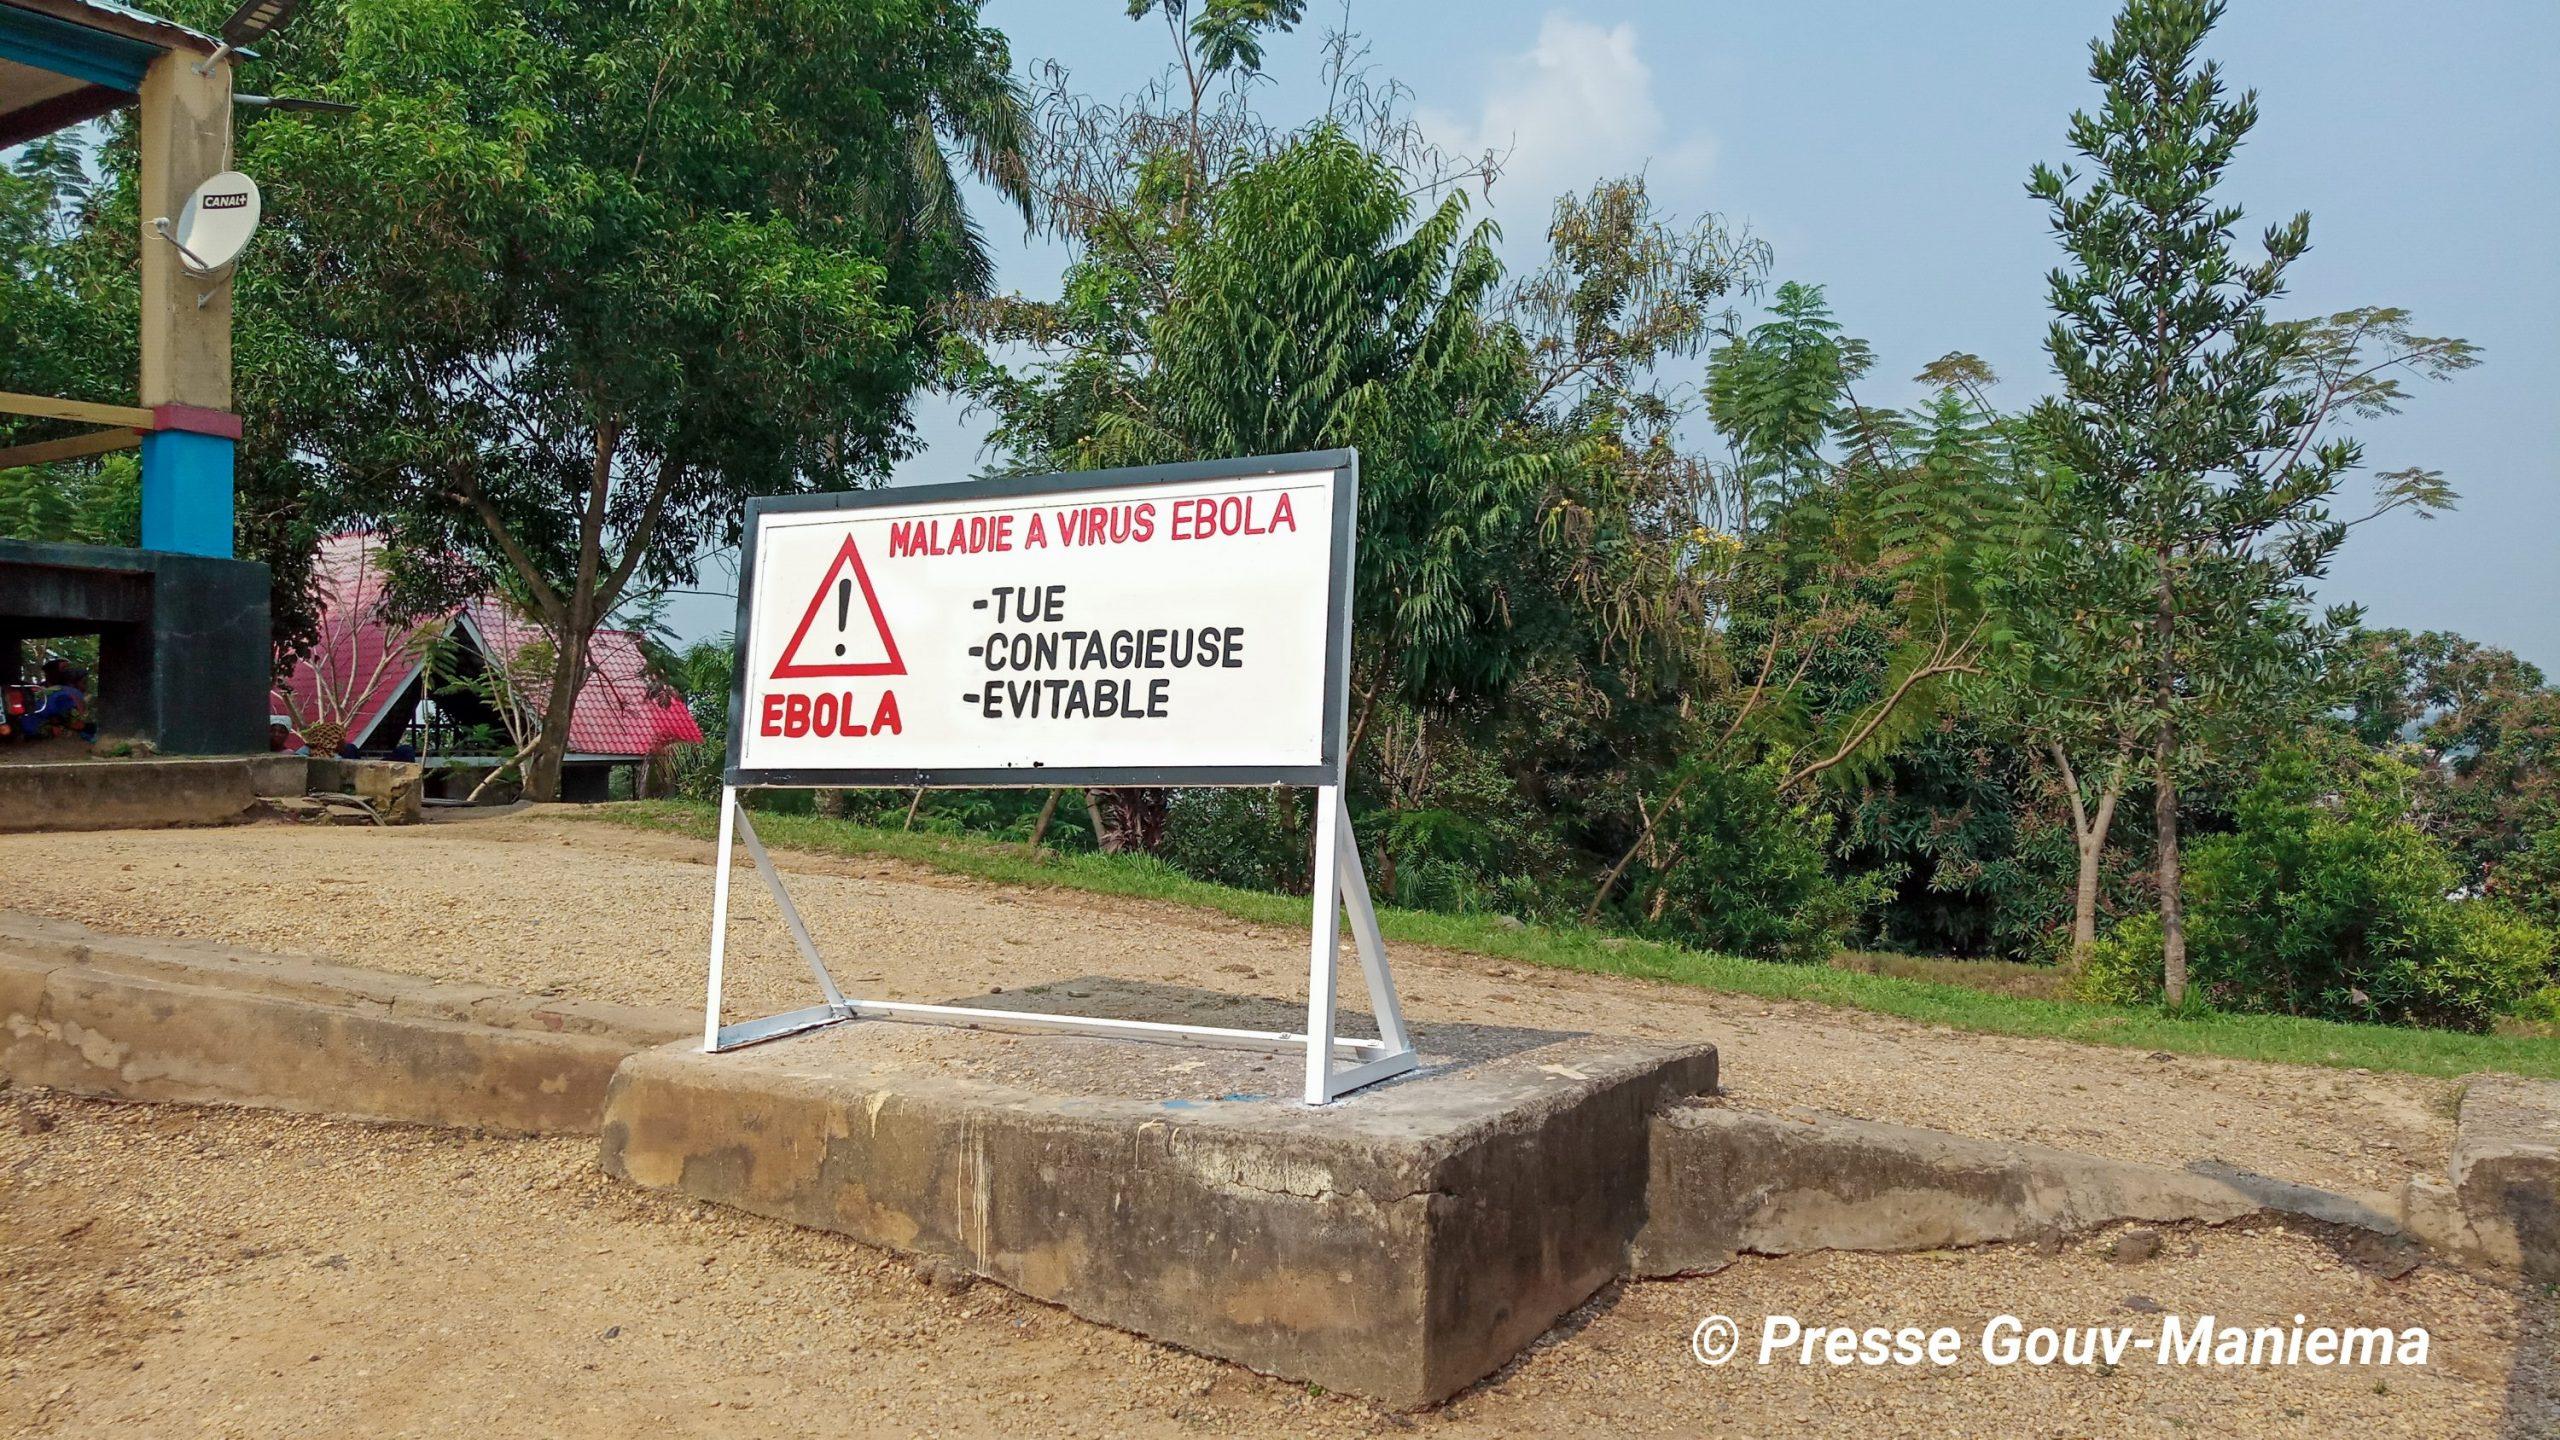 Un panneau portant le message sur la lutte préventive de la maladie à virus Ebola devant le bâtiment du Gouvernorat de la province du Maniema. Le Maniema a intensifié des activités de sensibilisation pour prévenir la maladie à virus Ebola qui sevit dans le Nord et Sud Kivu voisins. Photo by Chadrack Londe